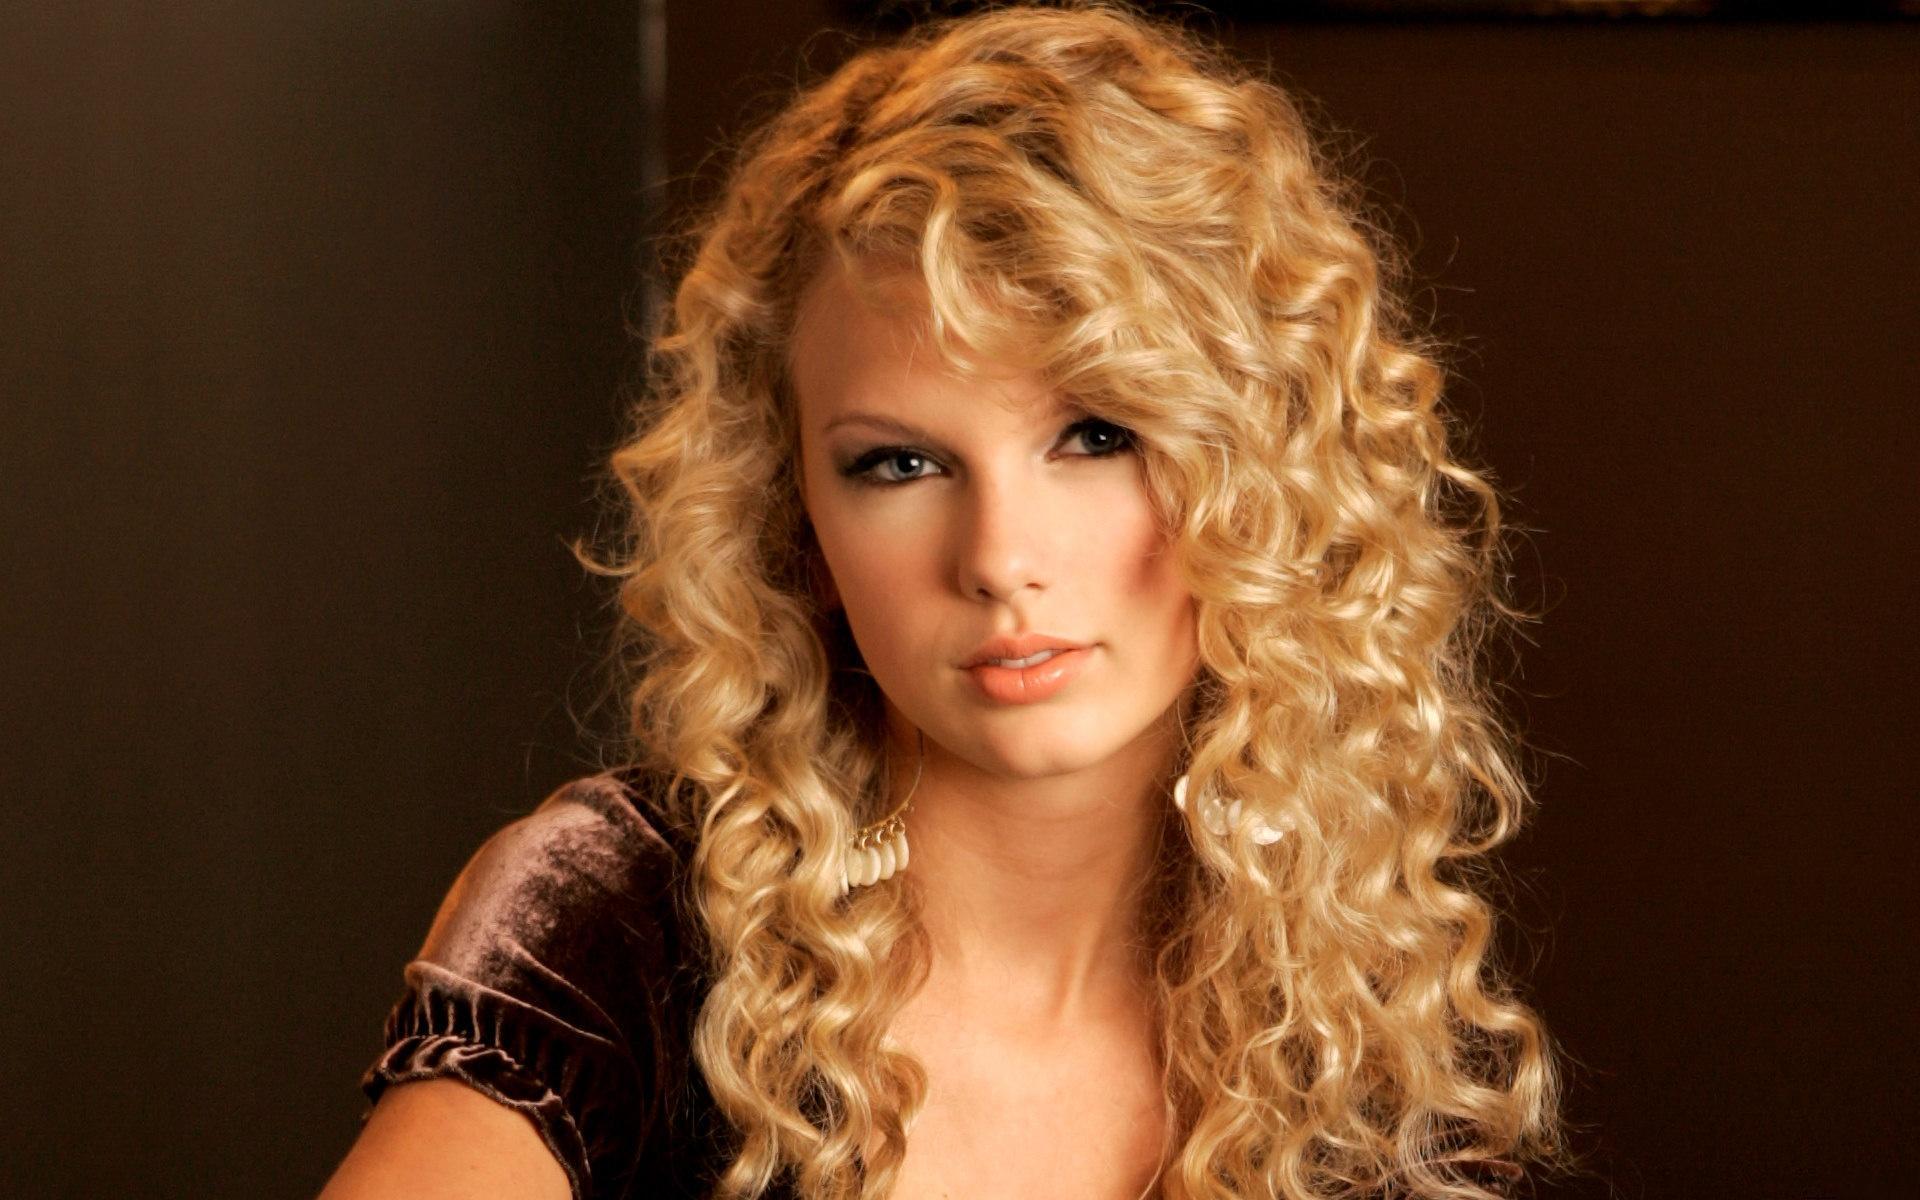 Taylor Swift Cute Taylor Swift Wallpaper 31852316 Fanpop